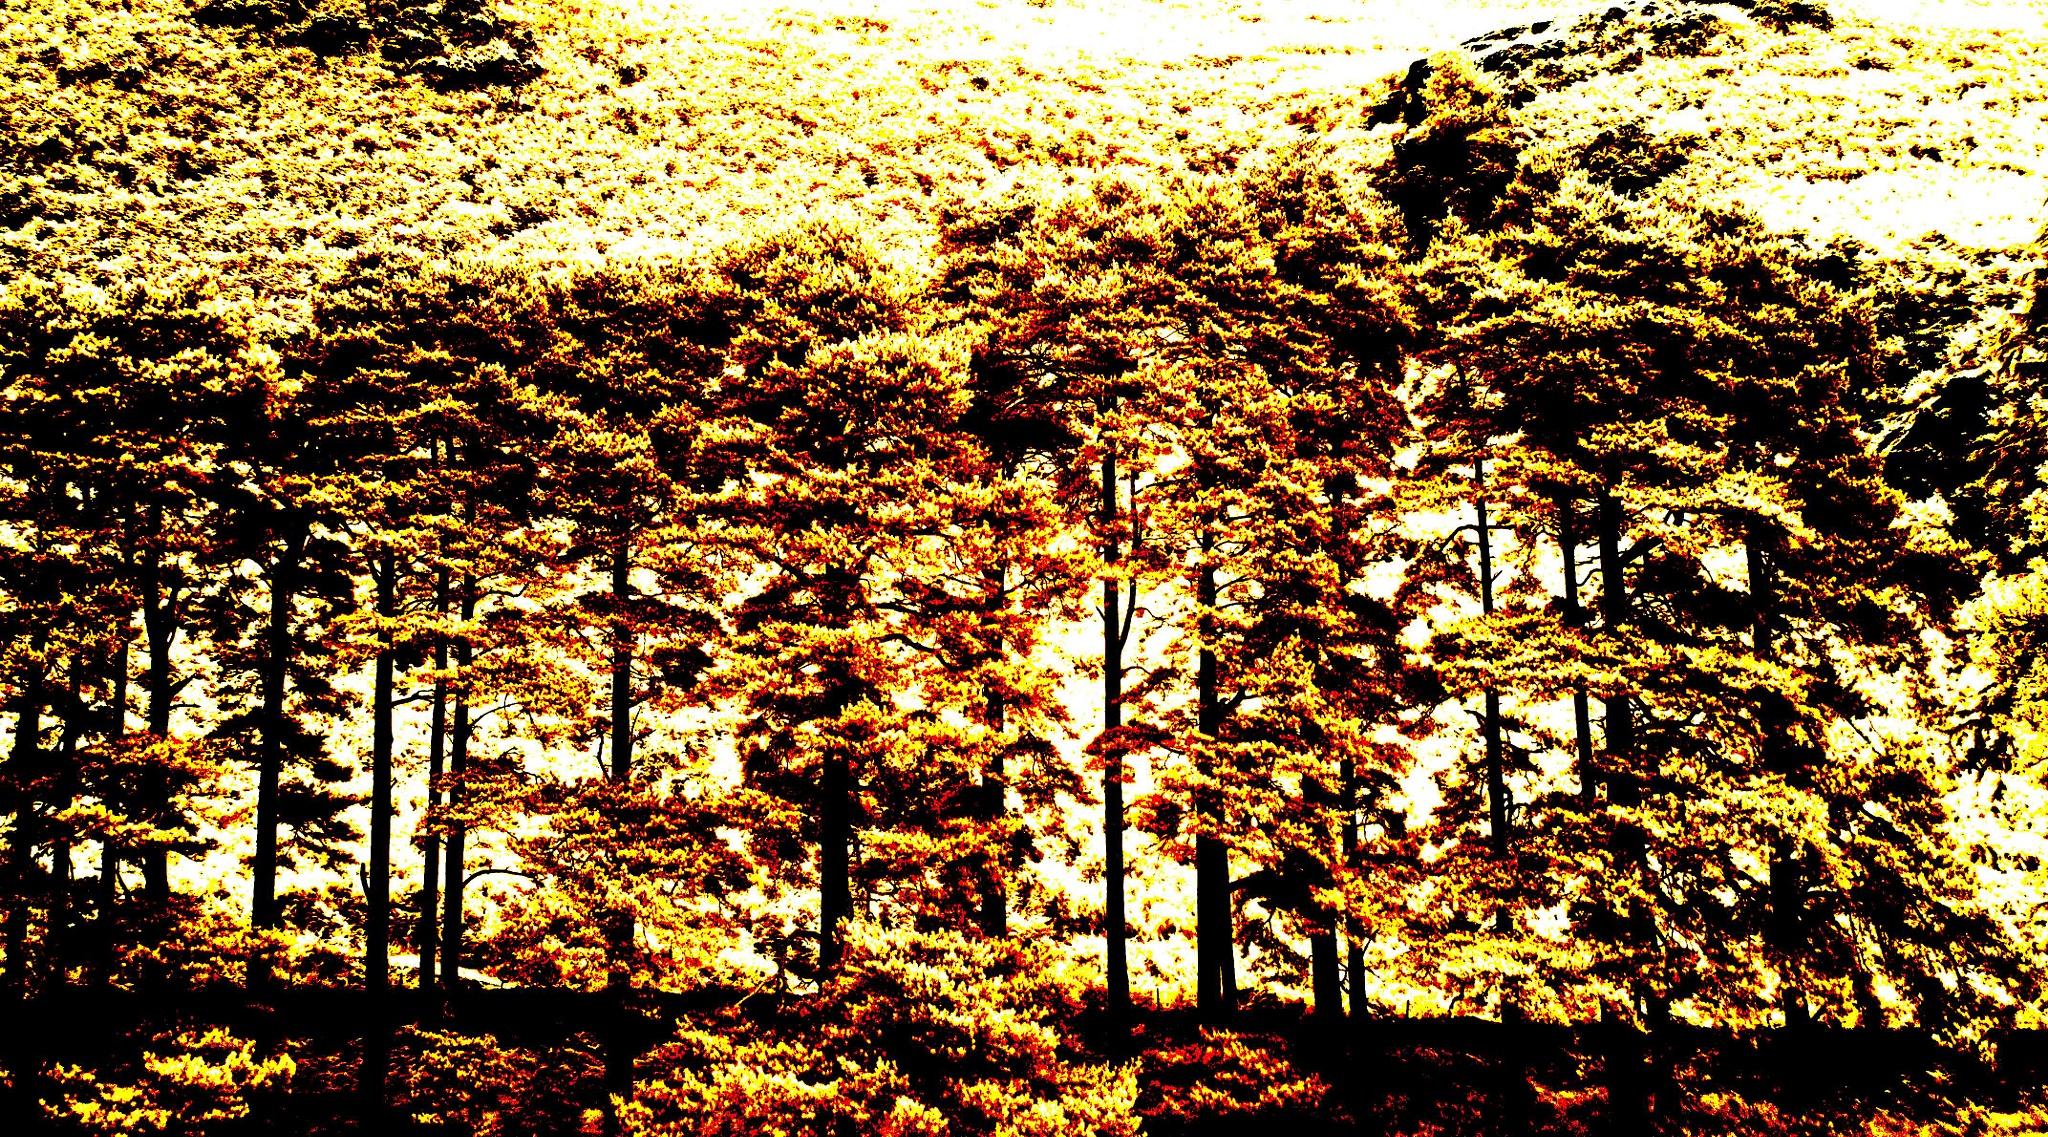 Autumnal Colour by trevor keville